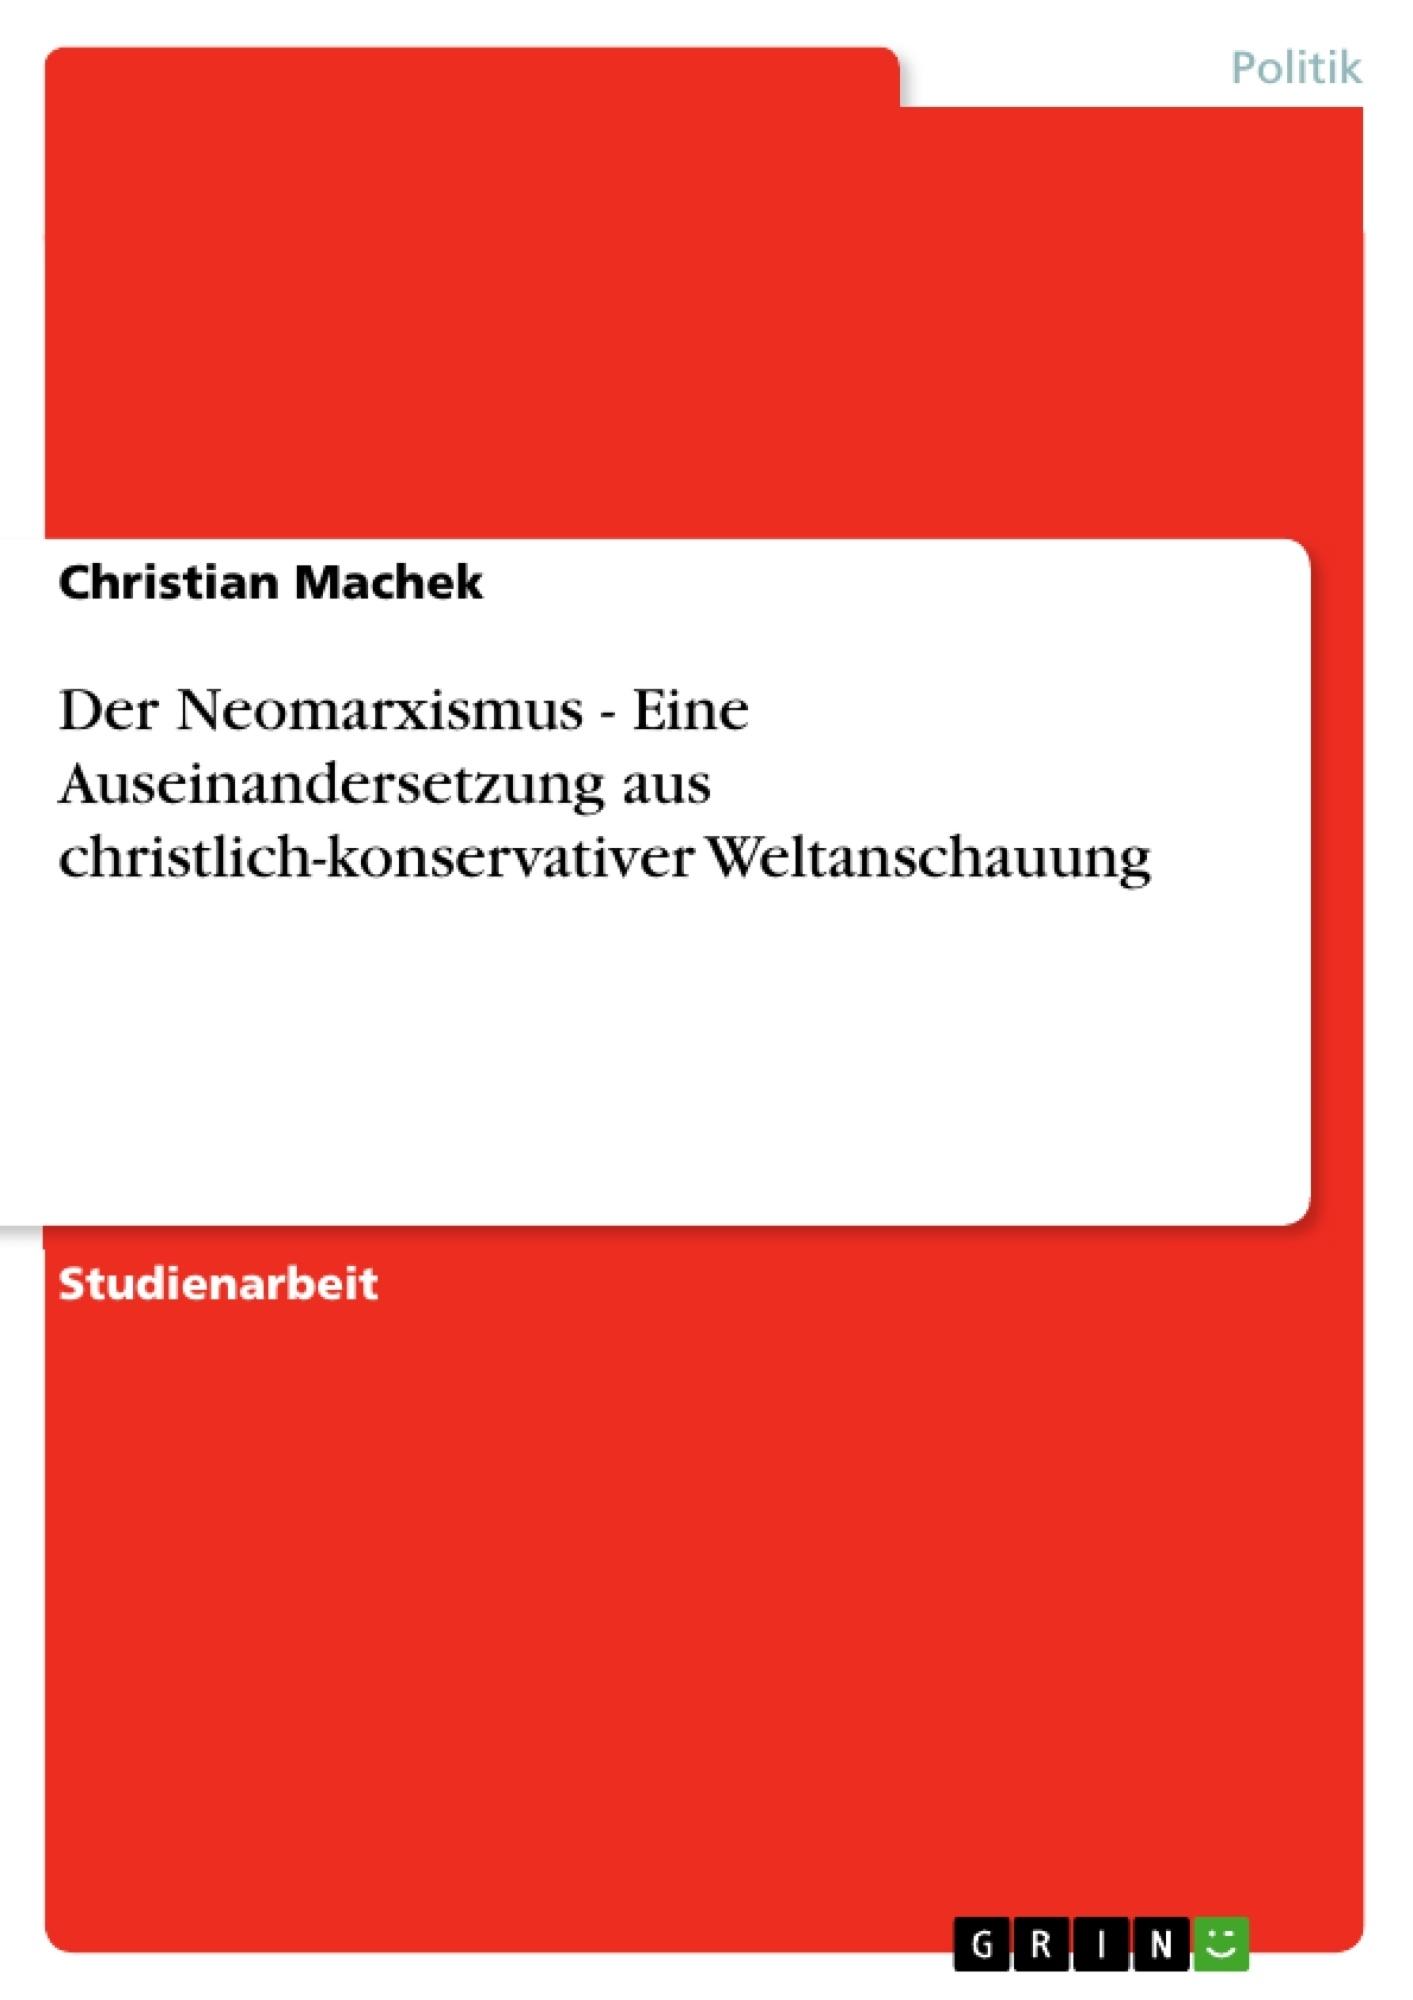 Titel: Der Neomarxismus - Eine Auseinandersetzung aus christlich-konservativer Weltanschauung